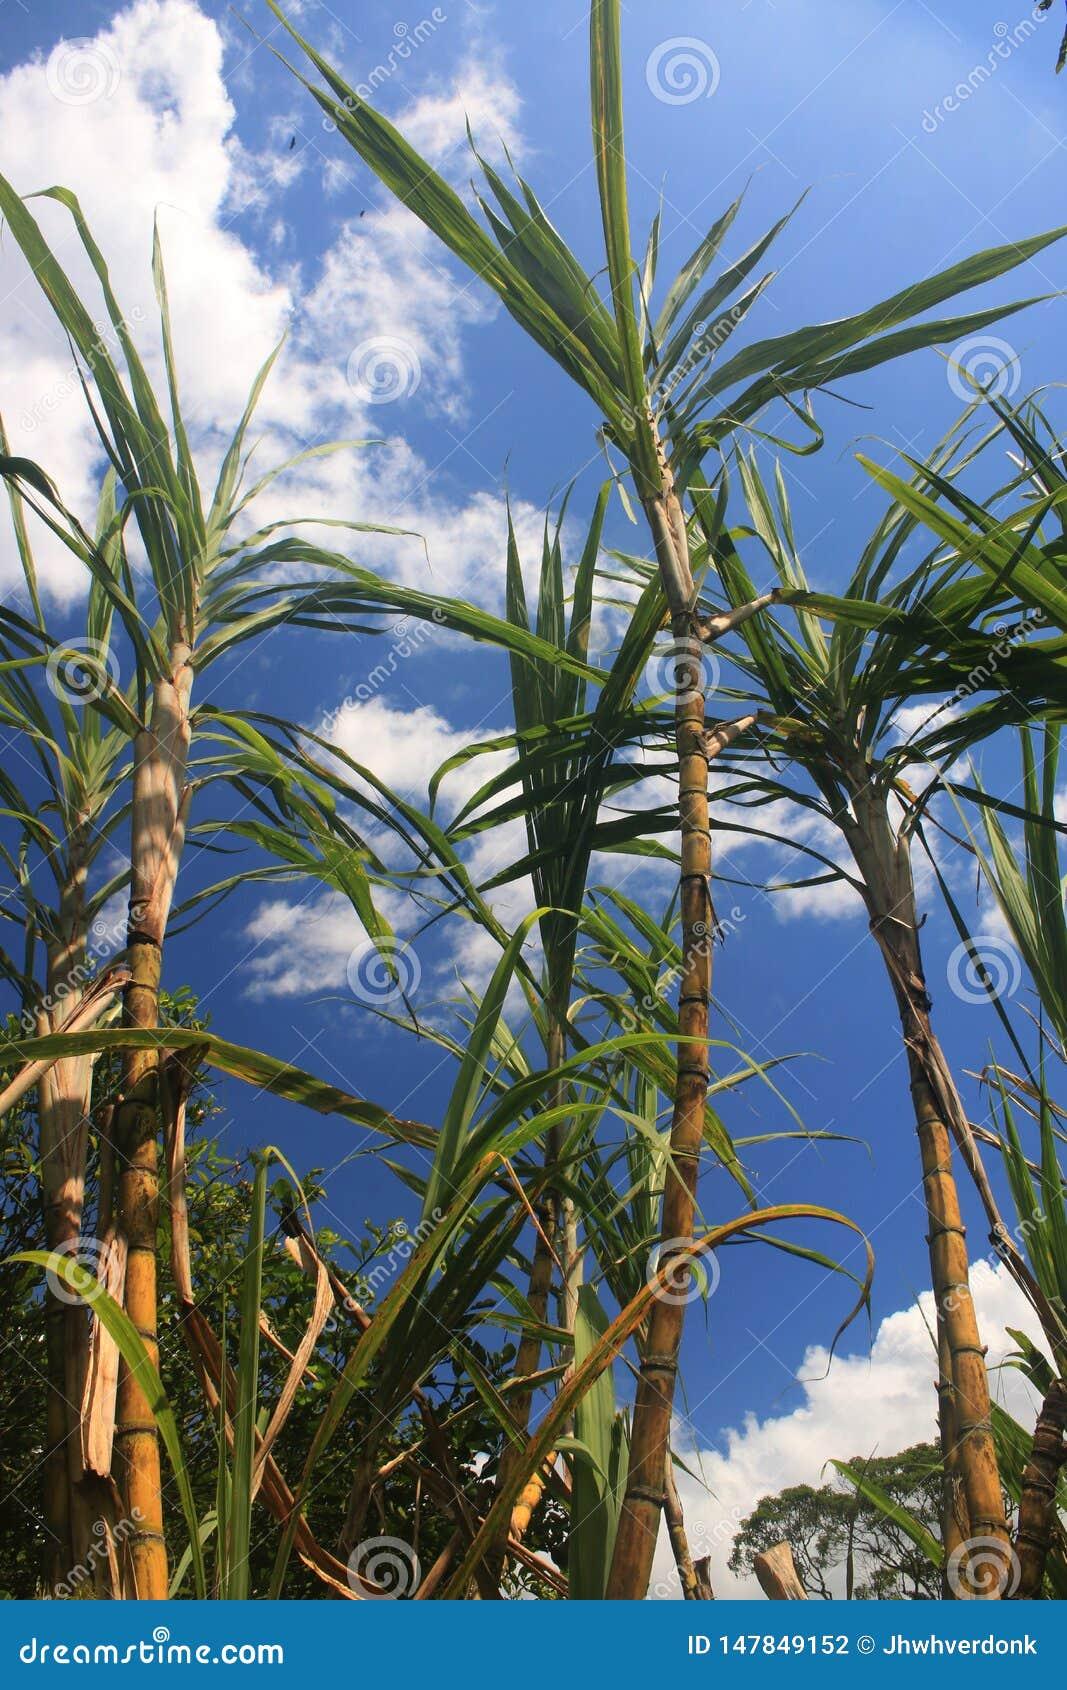 Troncos grandes de la caña de azúcar listos para ser cosechado contra un cielo azul con algunas nubes